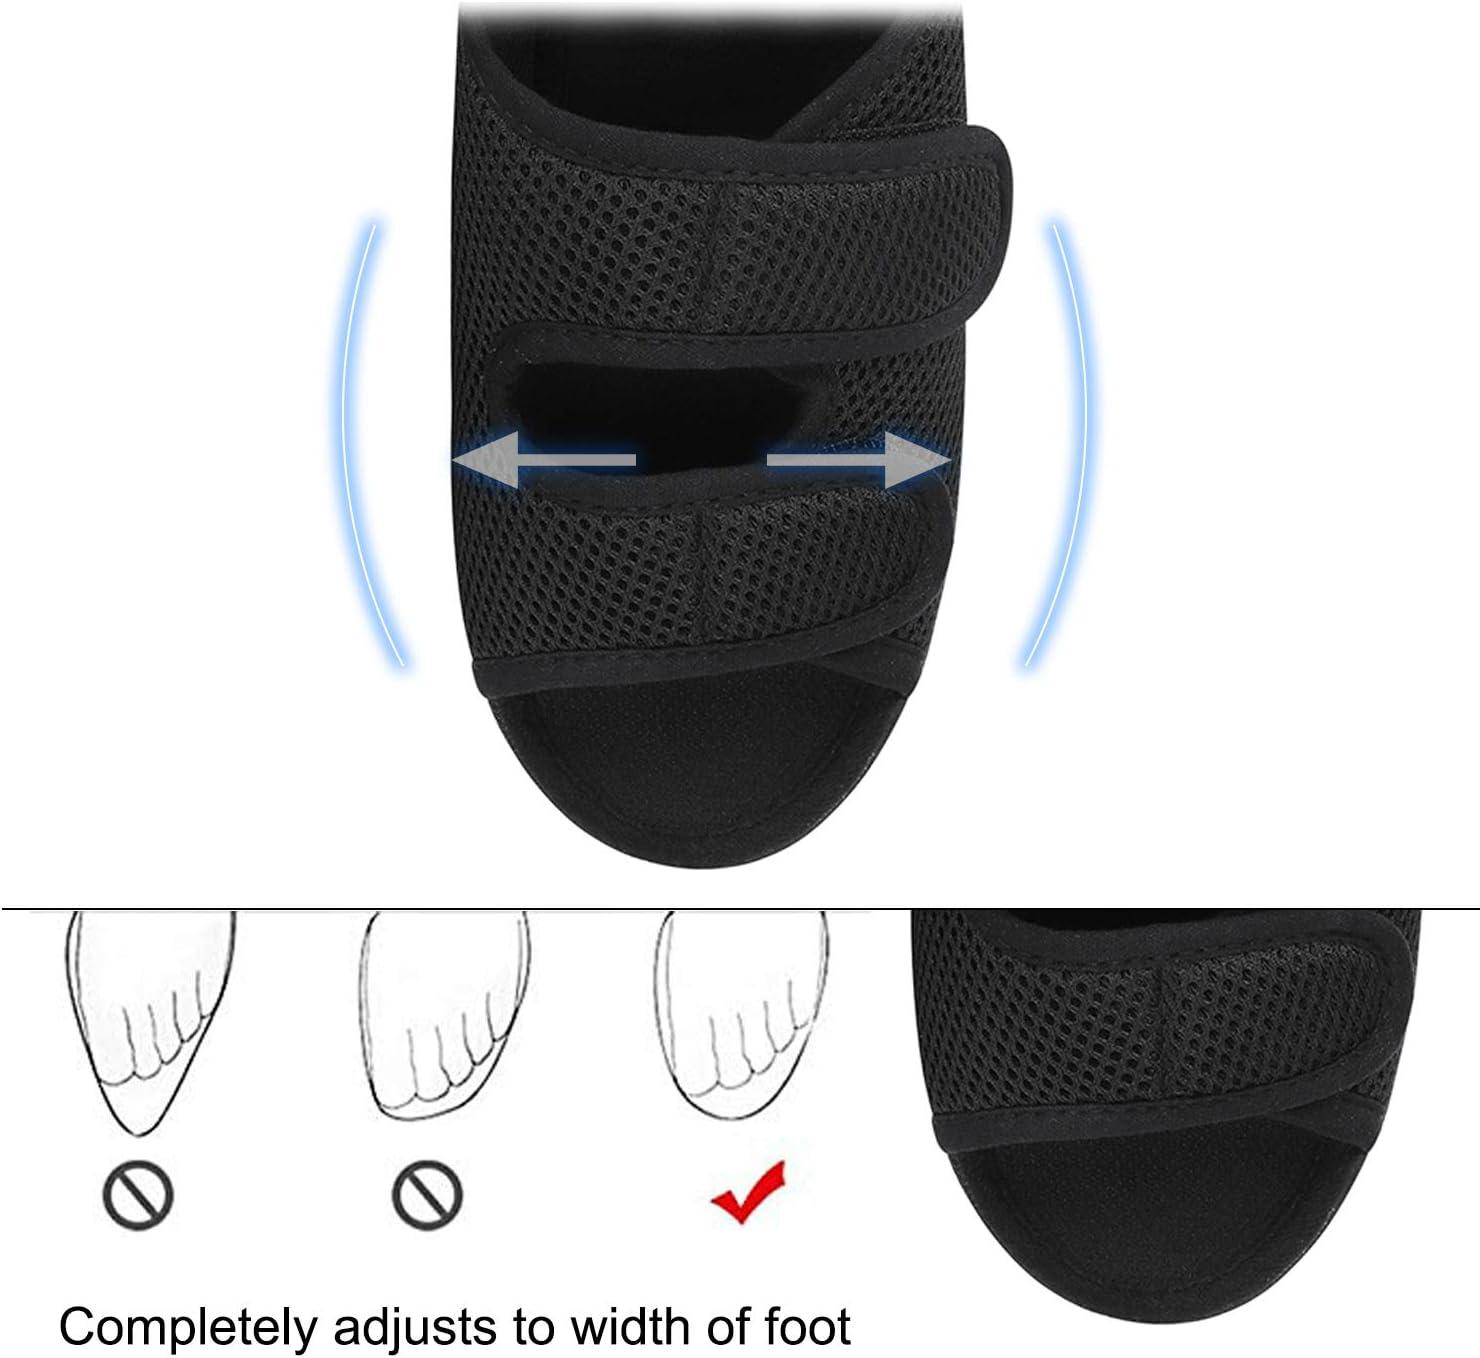 ITODA Chaussures Diab/étiques pour Hommes Pantoufles Orthop/édiques Bout Ouvert Chaussons Elargissement R/églable Chaussures dInt/érieur et Ext/érieur Antid/érapant Confortable pour Pieds Gonfl/és